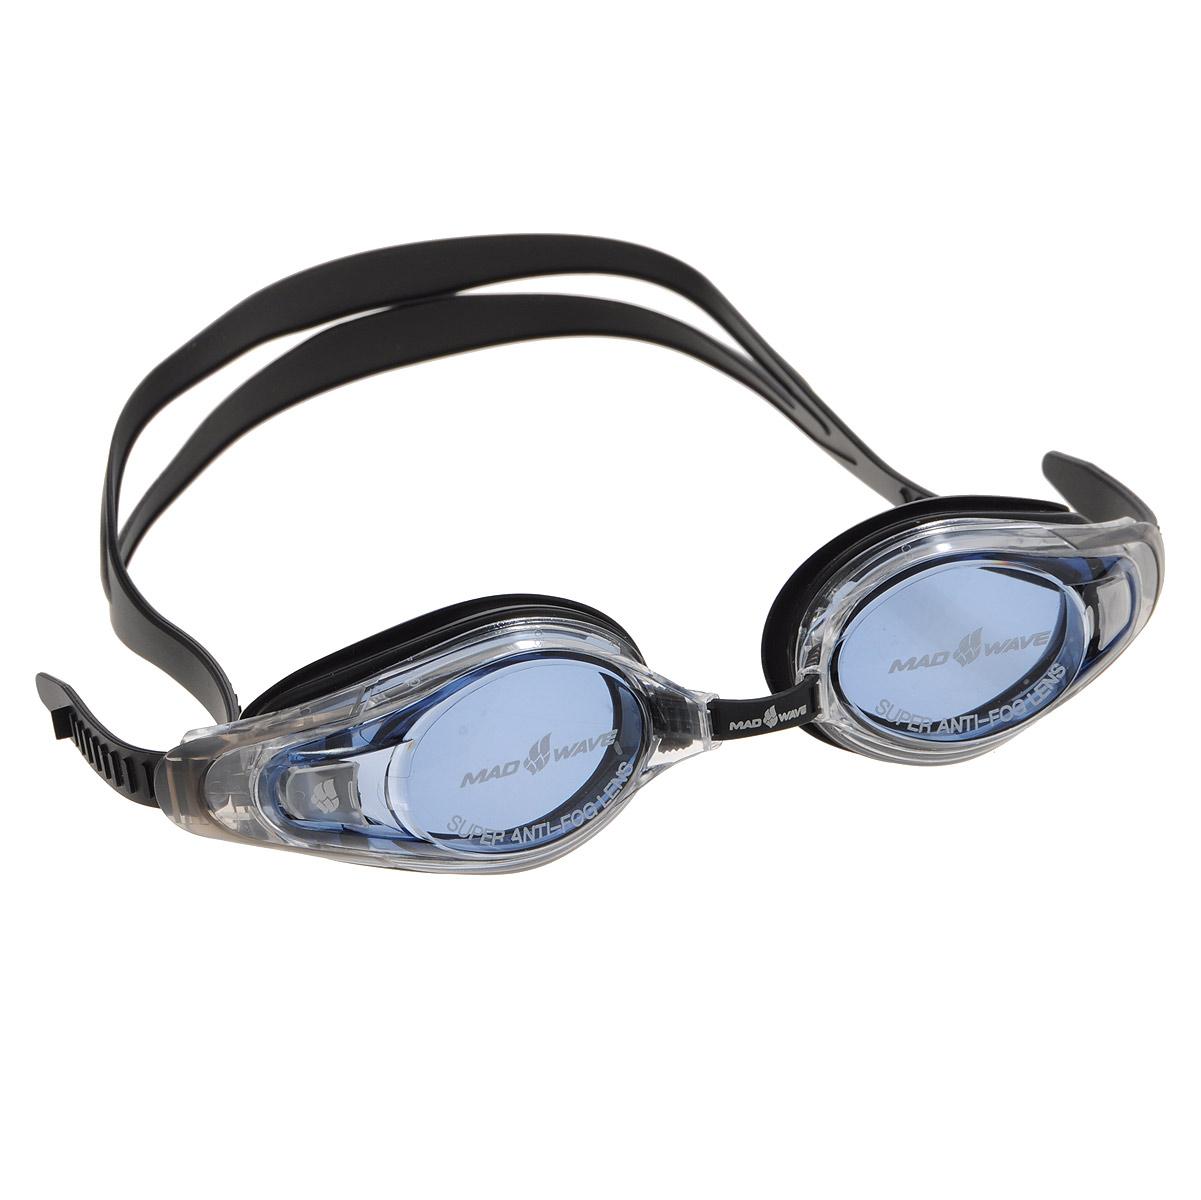 Очки для плавания с диоптриями MadWave Optic Envy Automatic, цвет: черный, -9M0430 16 N 05WОчки для плавания с диоптриями MadWave Optic Envy Automatic. Выполнены из поликарбоната и силикона. Особенности: Удобные очки с оптической силой -9. Система автоматической регулировки ремешков на корпусе очков. Защита от ультрафиолетовых лучей. Антизапотевающие стекла. Регулируемая восьмиступенчатая носовая перемычка. Сменная линза. Надежная безклеевая фиксация обтюратора. Плоский силиконовый ремешок.